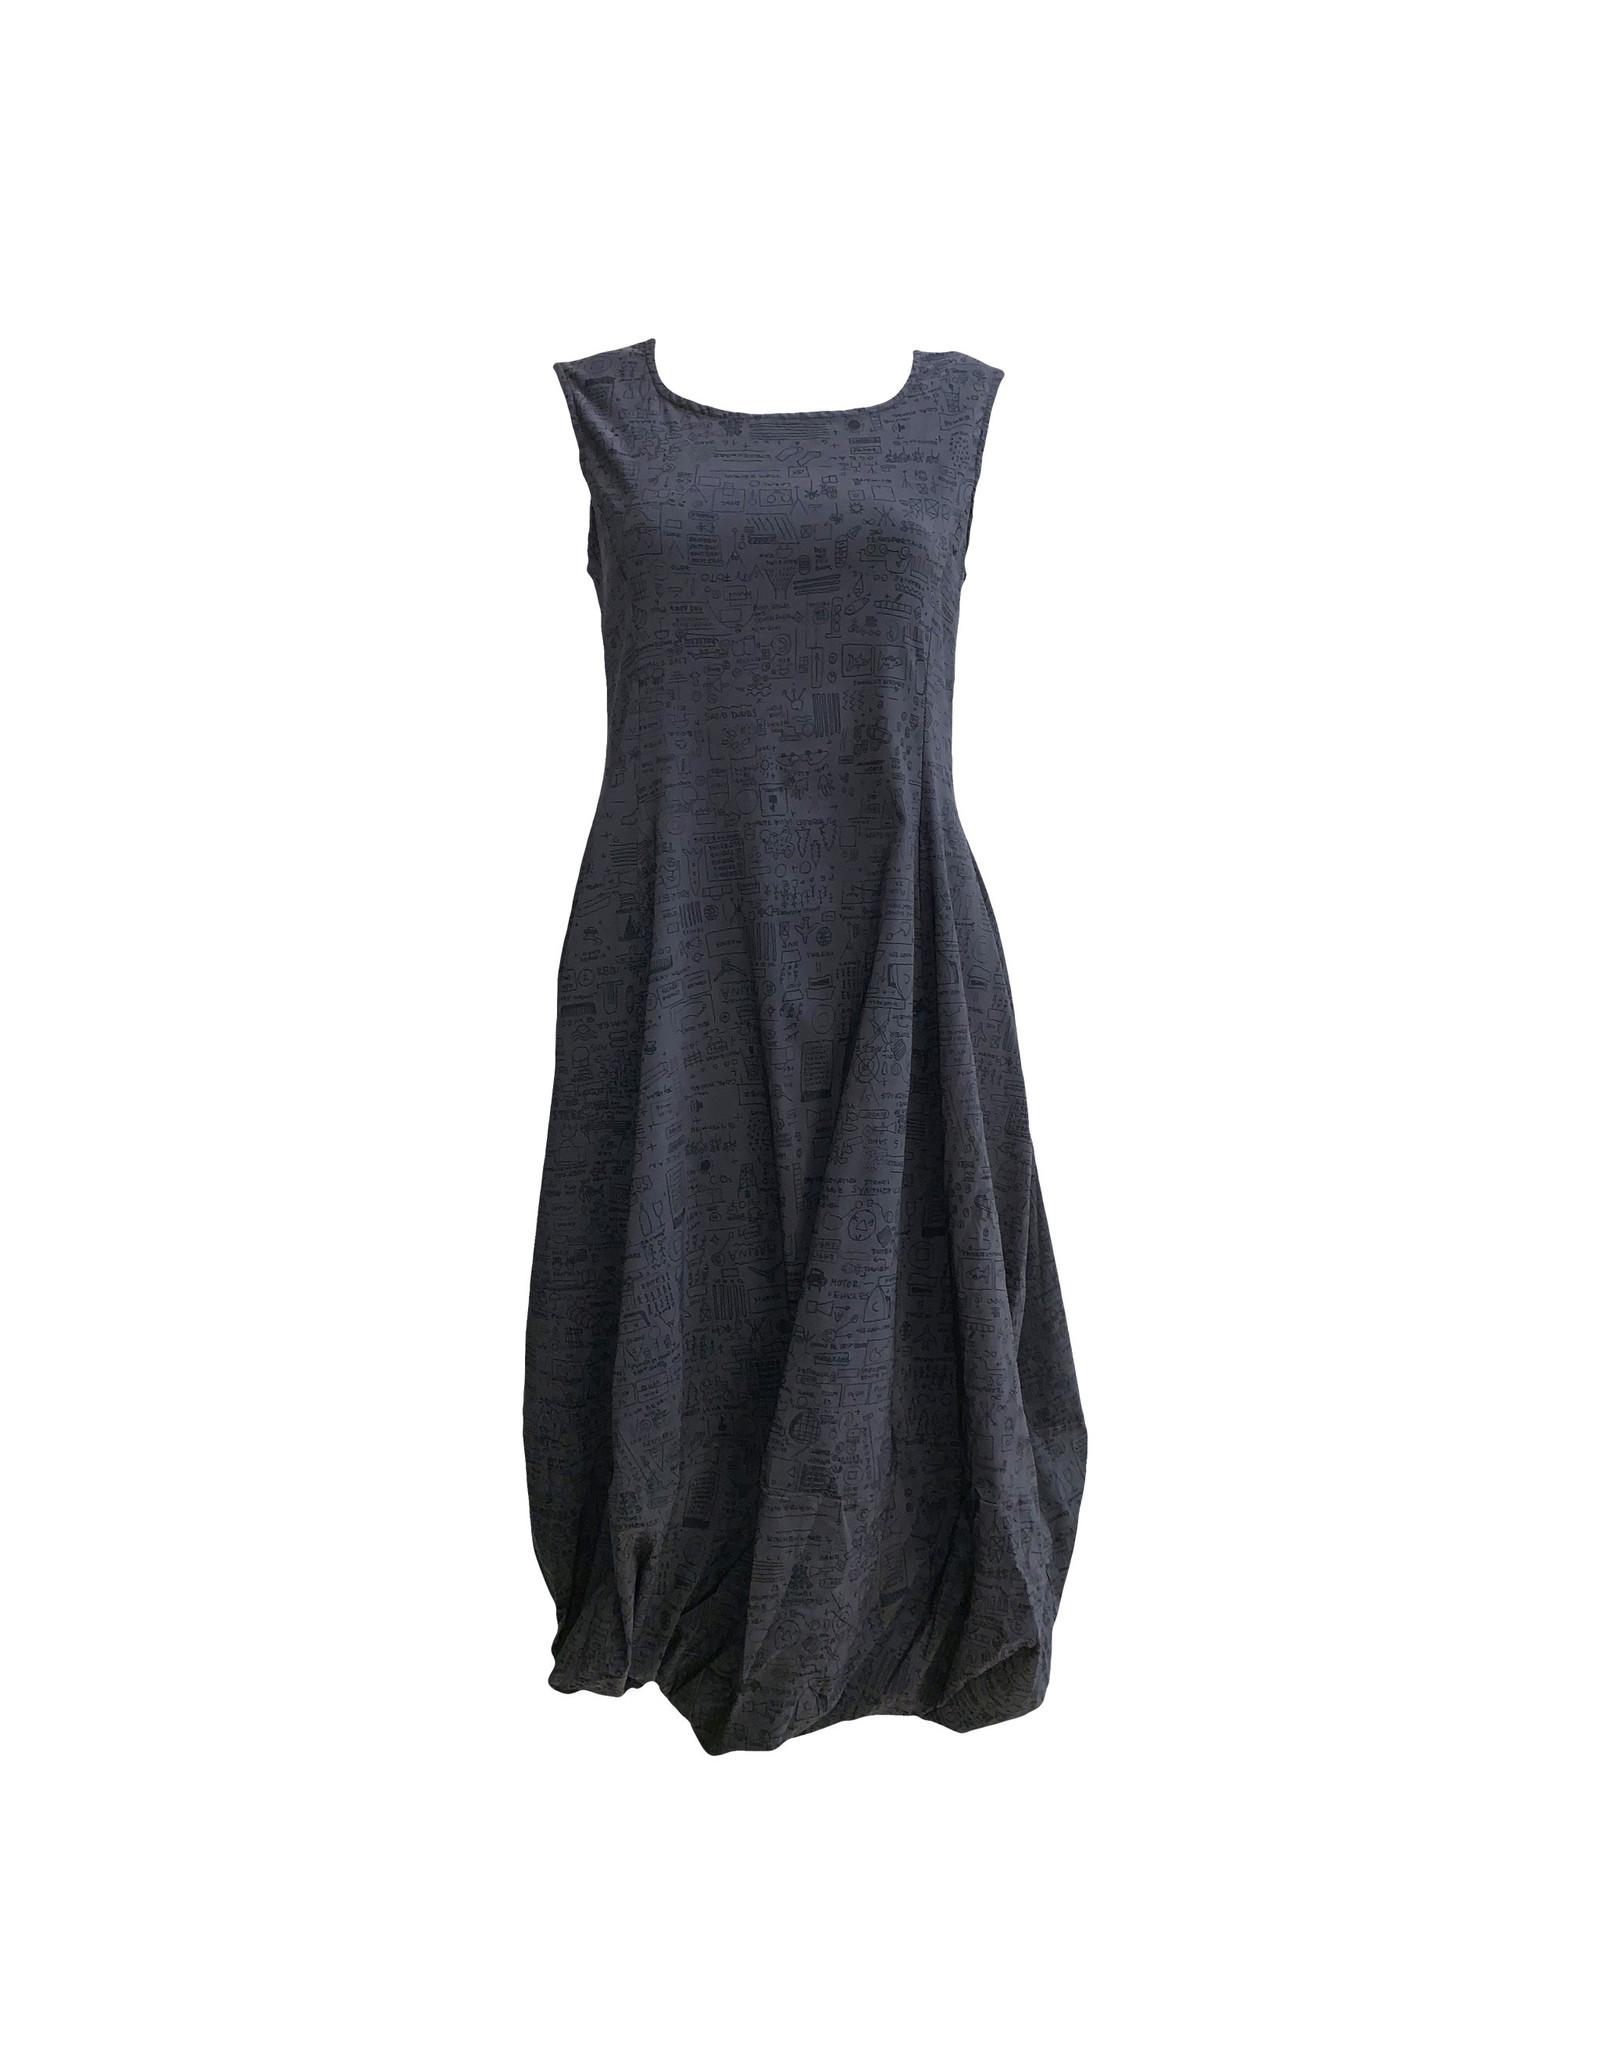 Studio Rundholz Studio Rundholz Print Dress - Dark Grey